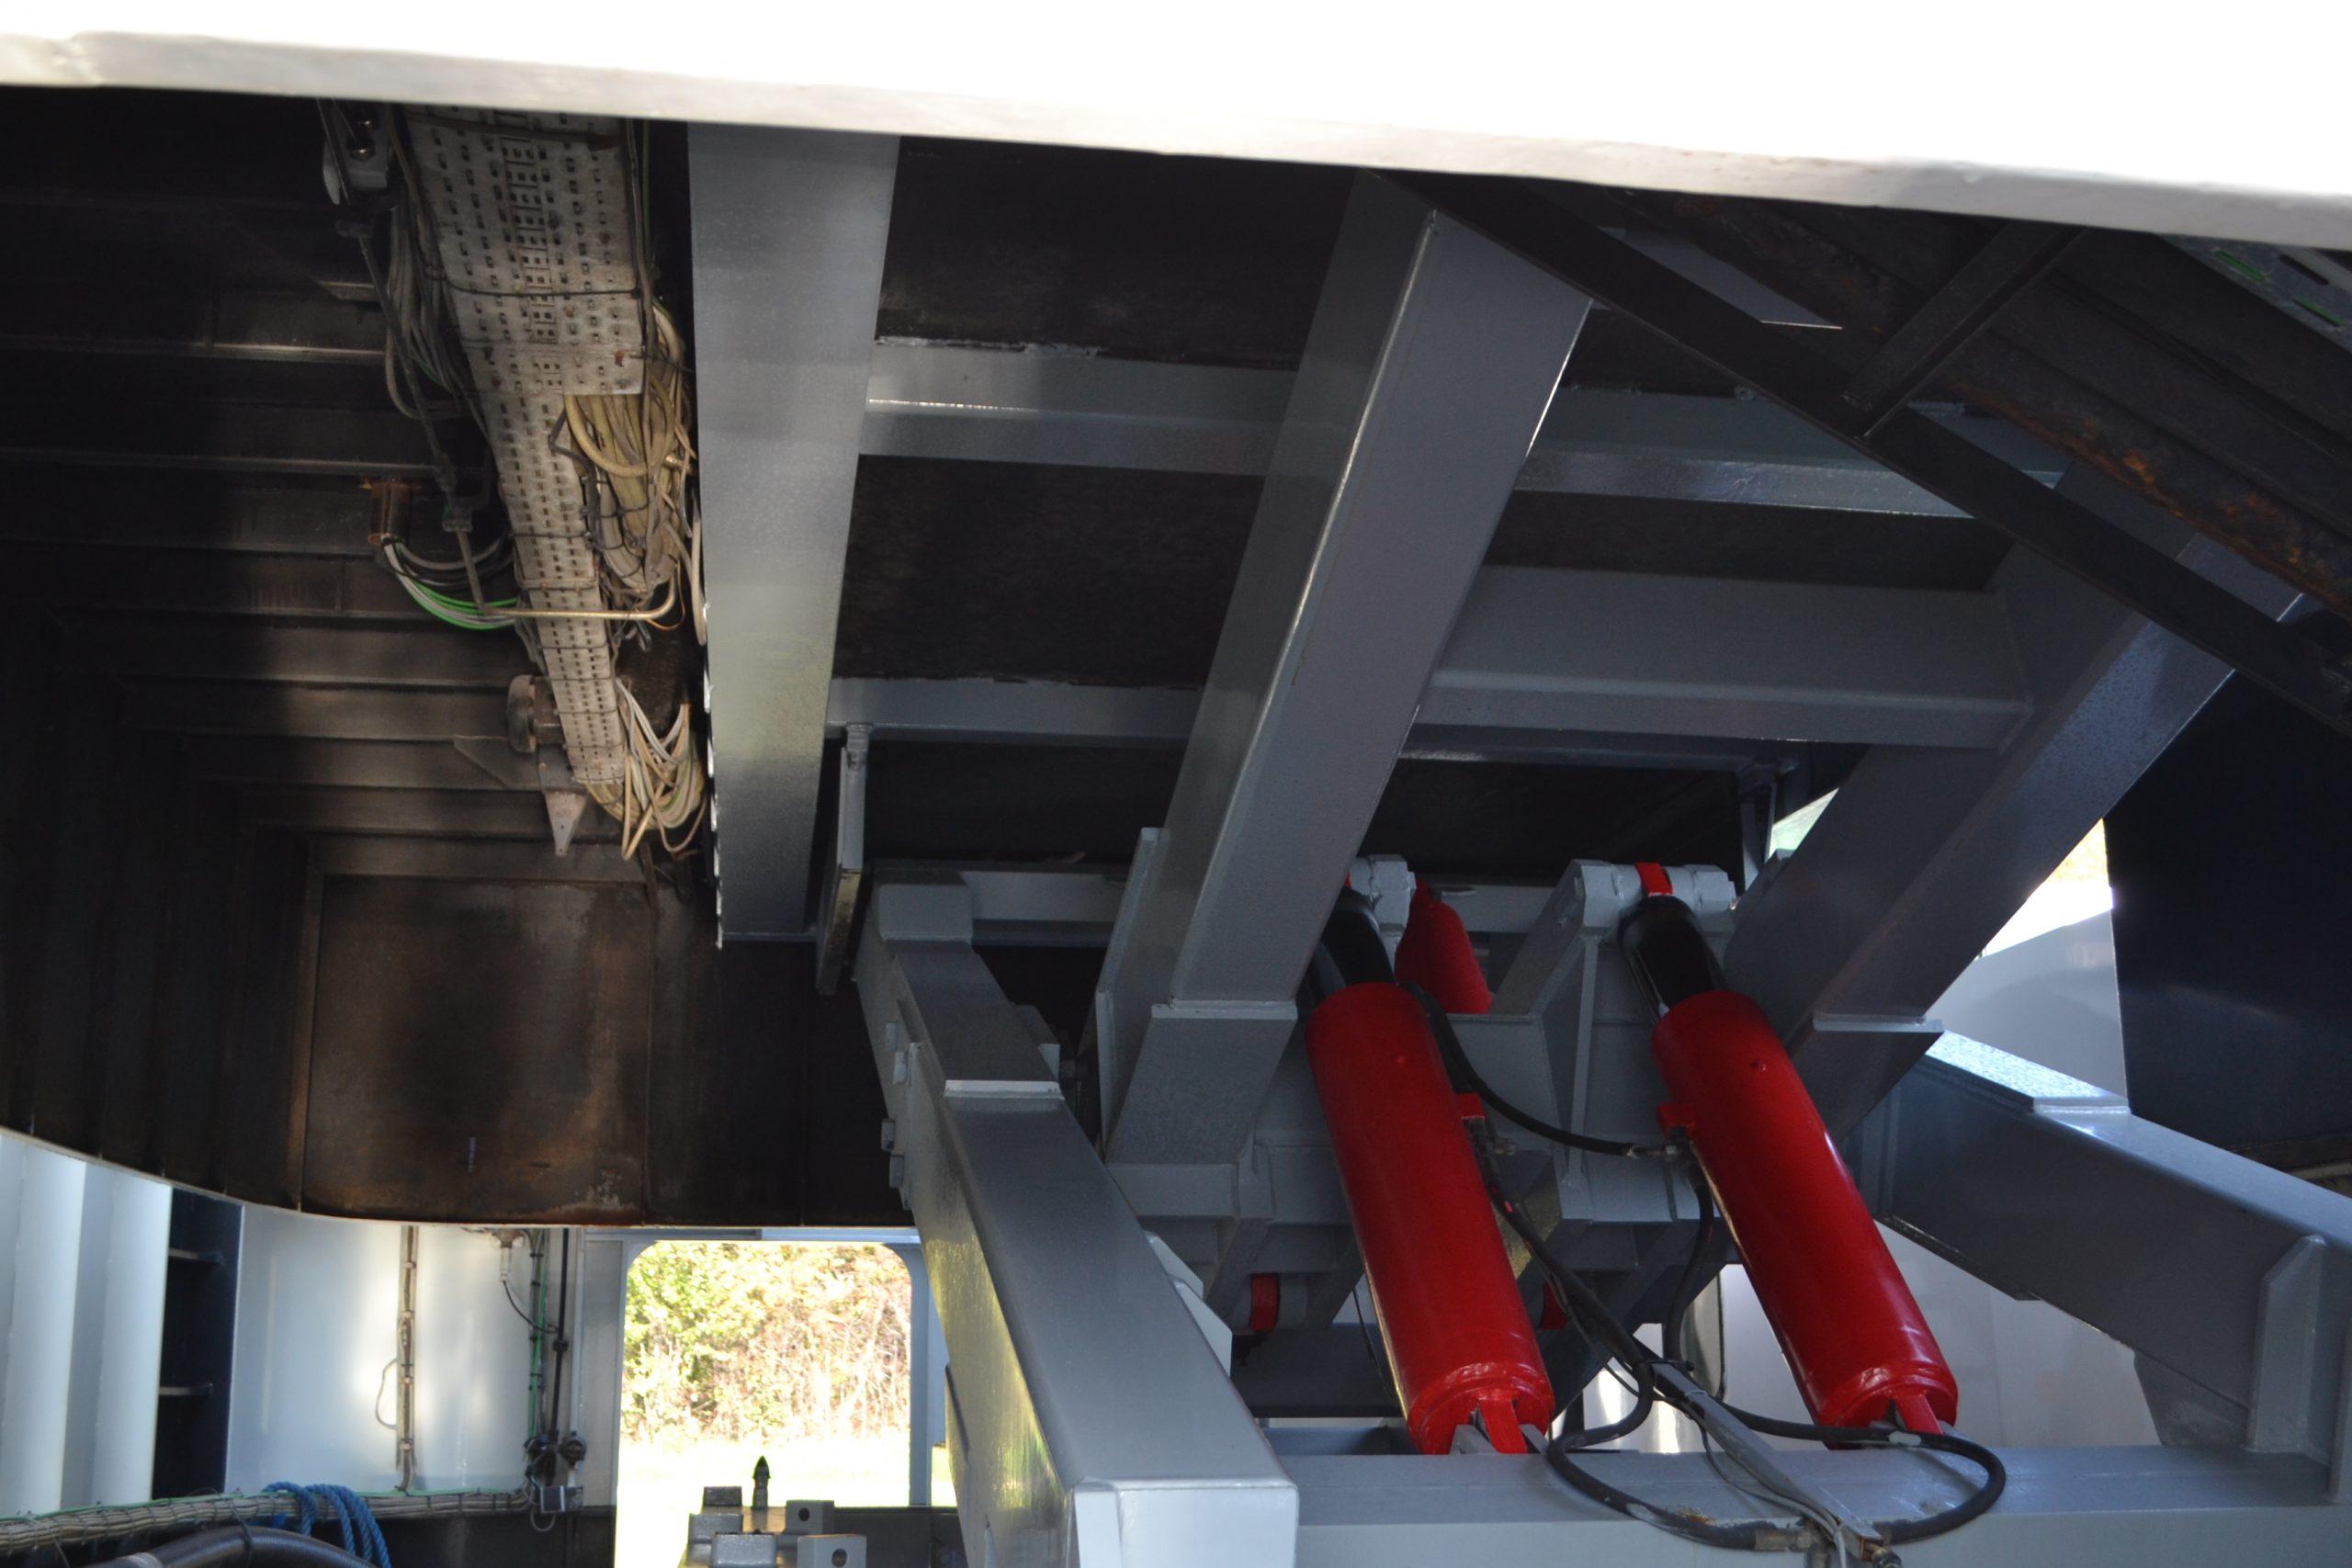 Blick unter das Steuerhaus. Die Hydraulik ist notwendig für die Höhenverstellung des Steuerhauses, damit auch niedrige Brücken unfallfrei passiert werden können. Das macht das Verlegen unserer Kabel nicht unbedingt einfacher.